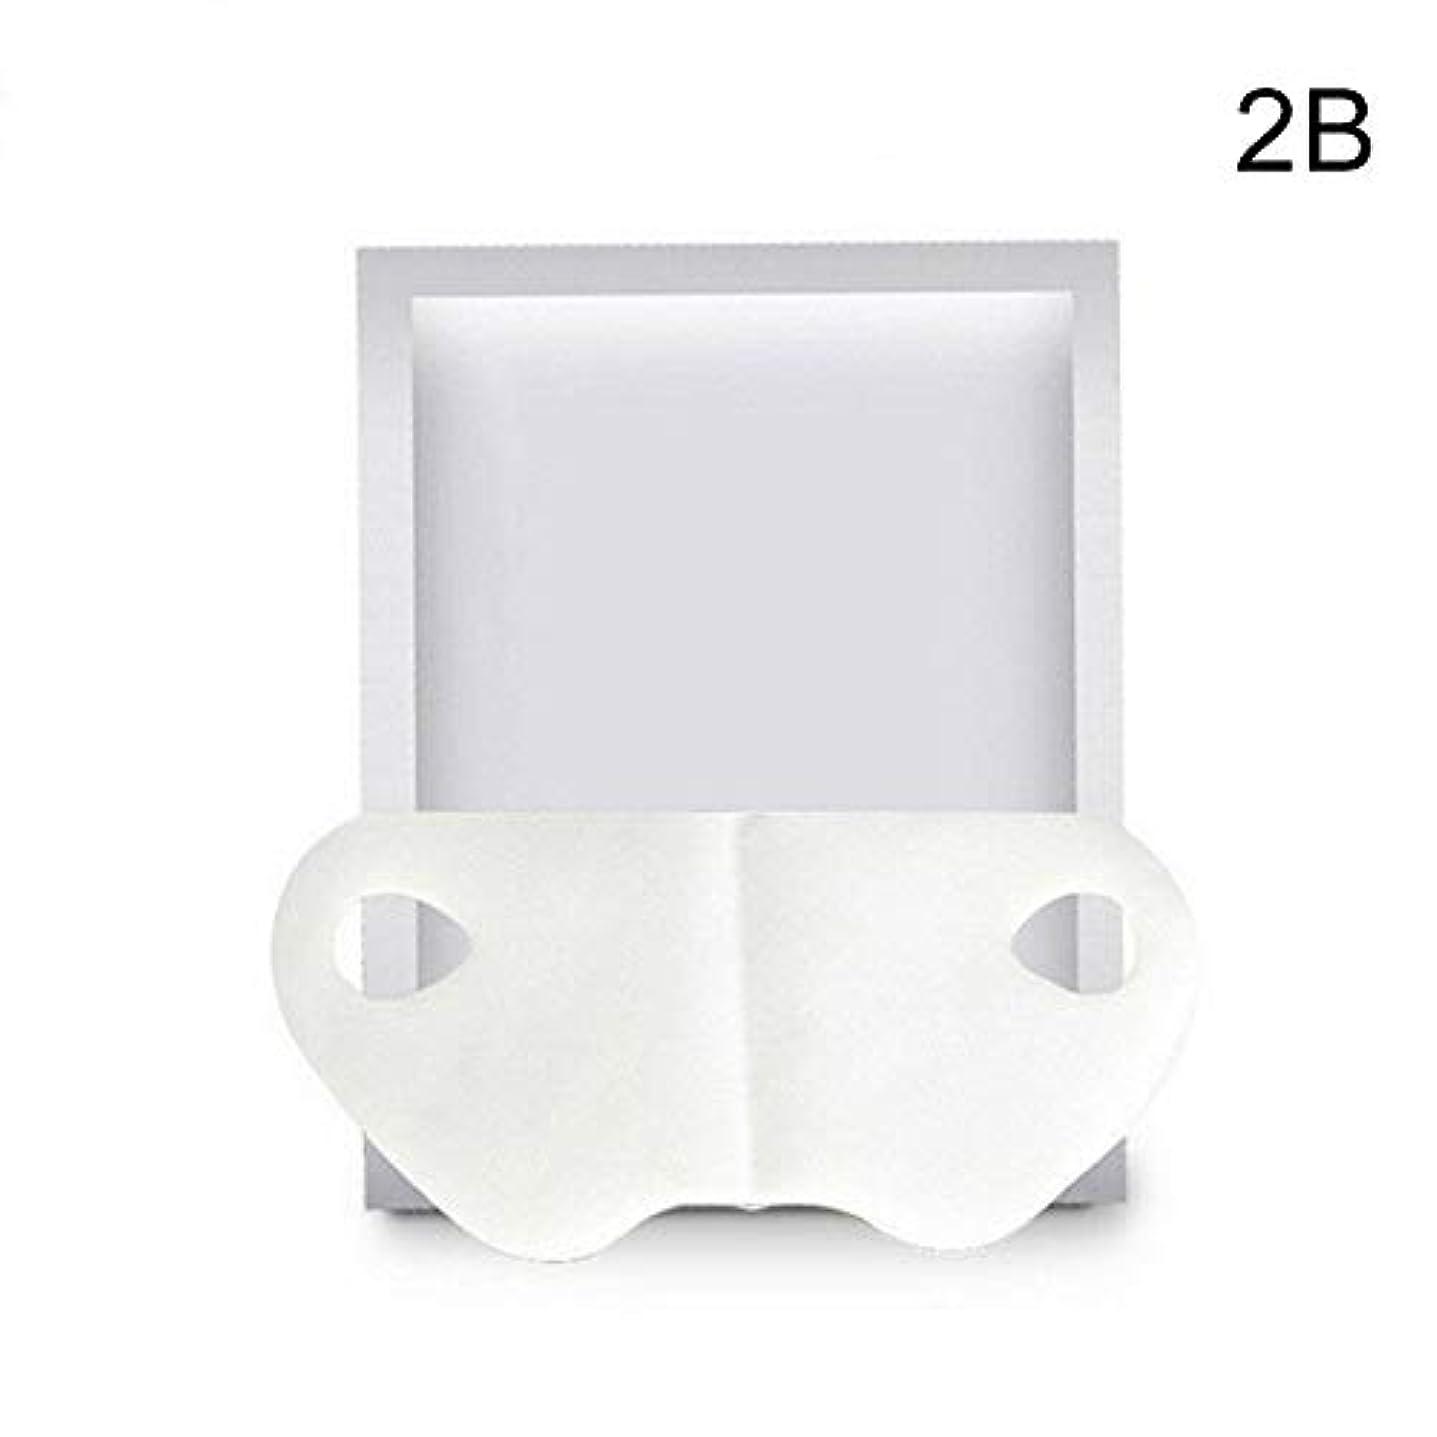 入り口歩く付き添い人Tenflyer  保湿フェイスファーミングマスクをホワイトニングするV字型スリミングフェイスマスク